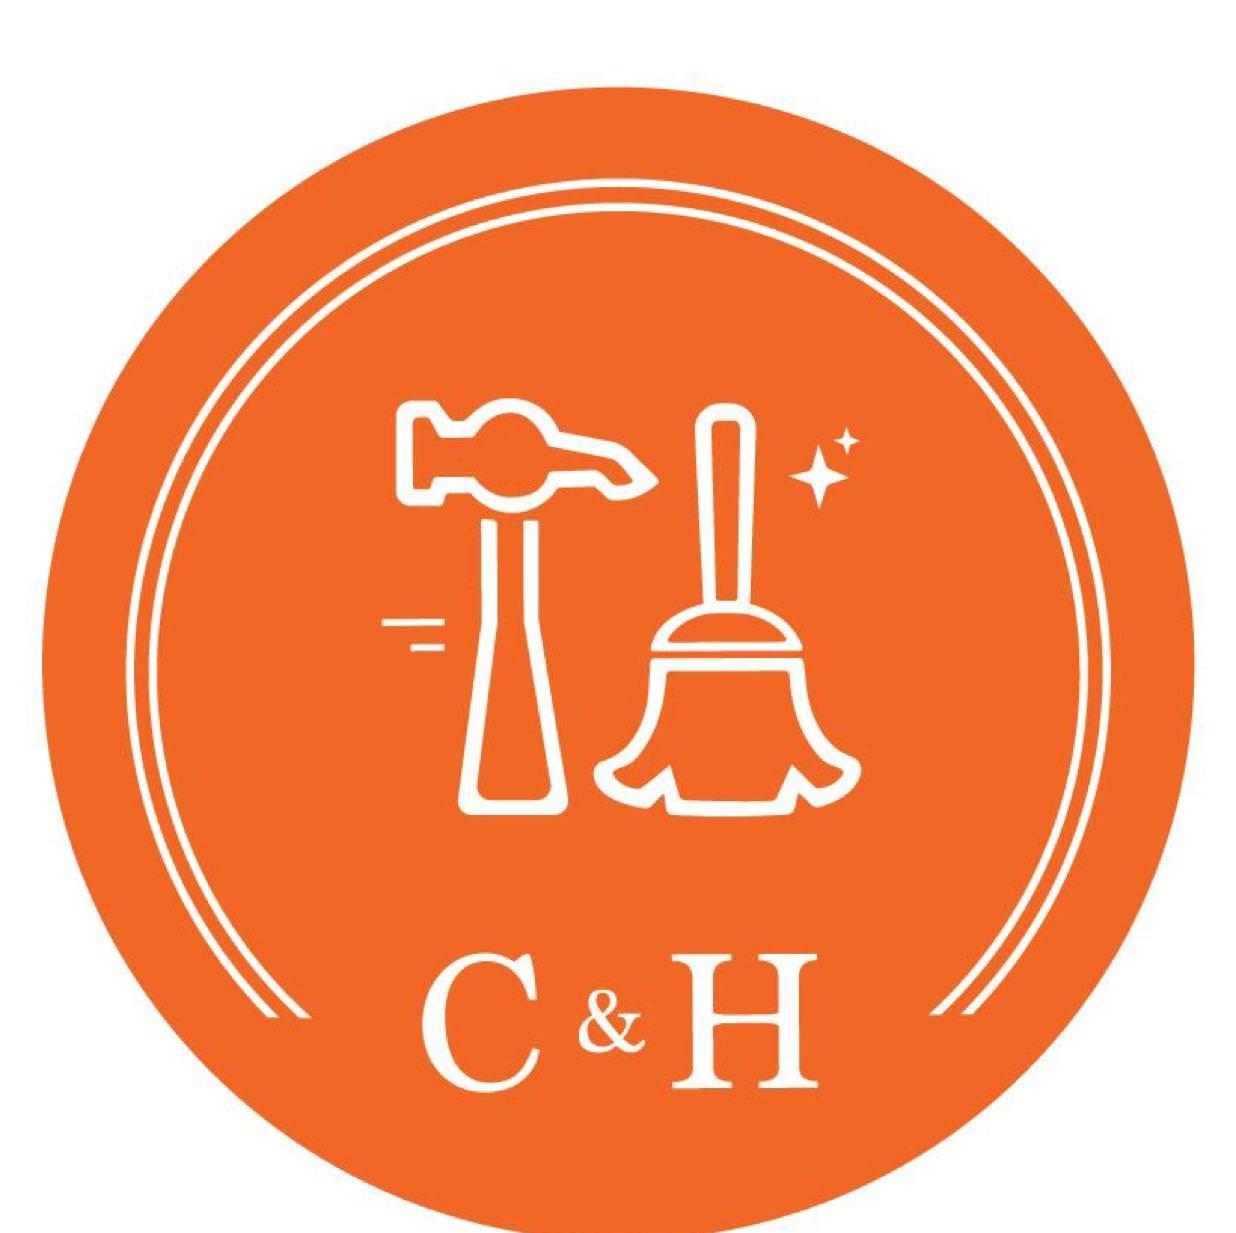 C & H